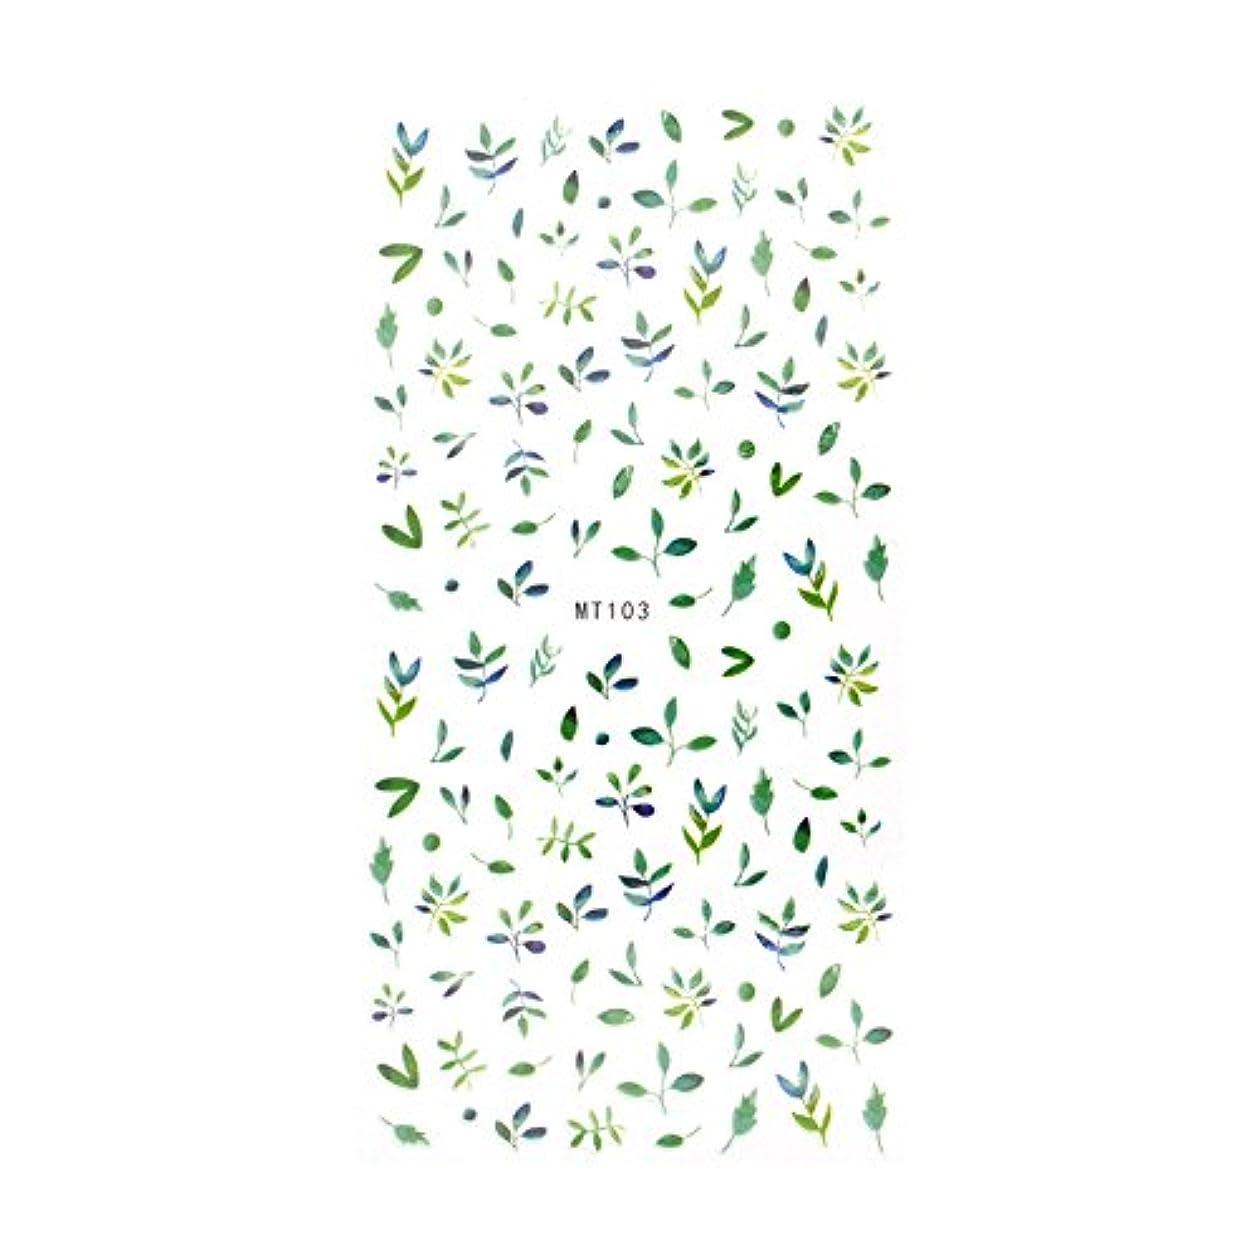 泣くフットボールジーンズ【MT103】グリーンリーフネイルシール リーフ 葉 ジェルネイル シール 緑 植物 ボタニカル